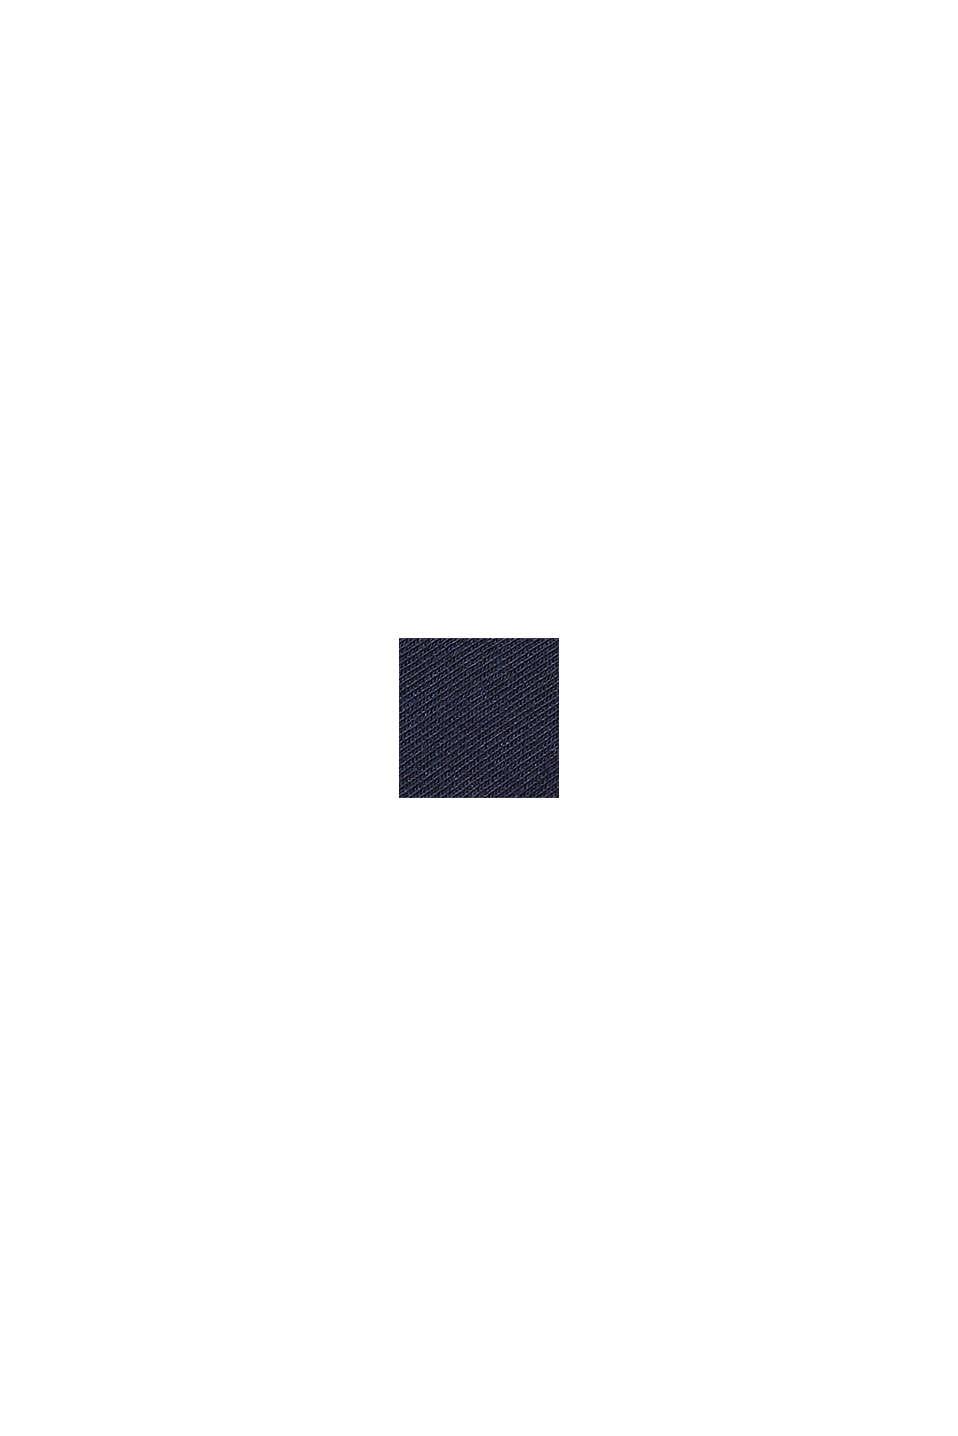 5paires de chaussettes en coton mélangé, MARINE, swatch